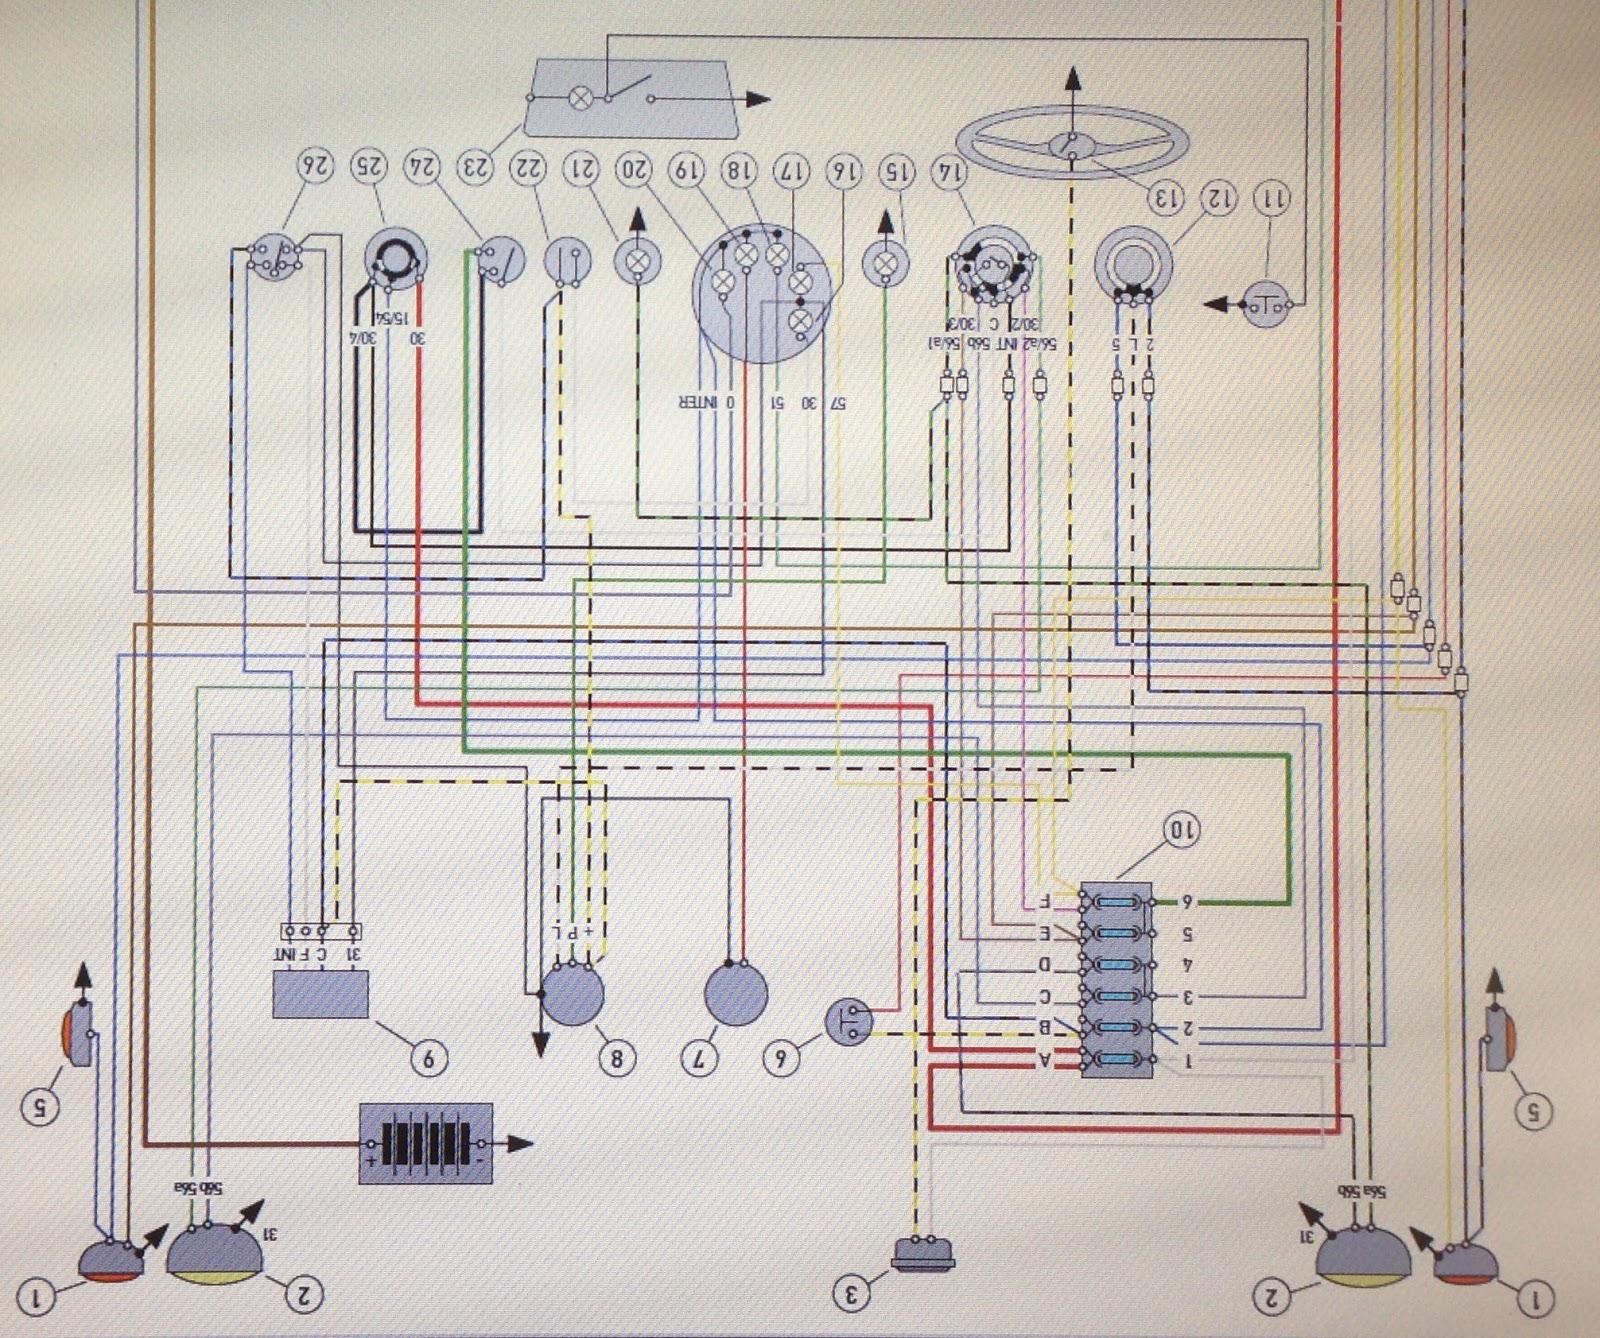 Fiat 450 Tractor Wiring Diagram Electrical Diagrams 1983 124 Schematic Automotive U2022 128 Sedan